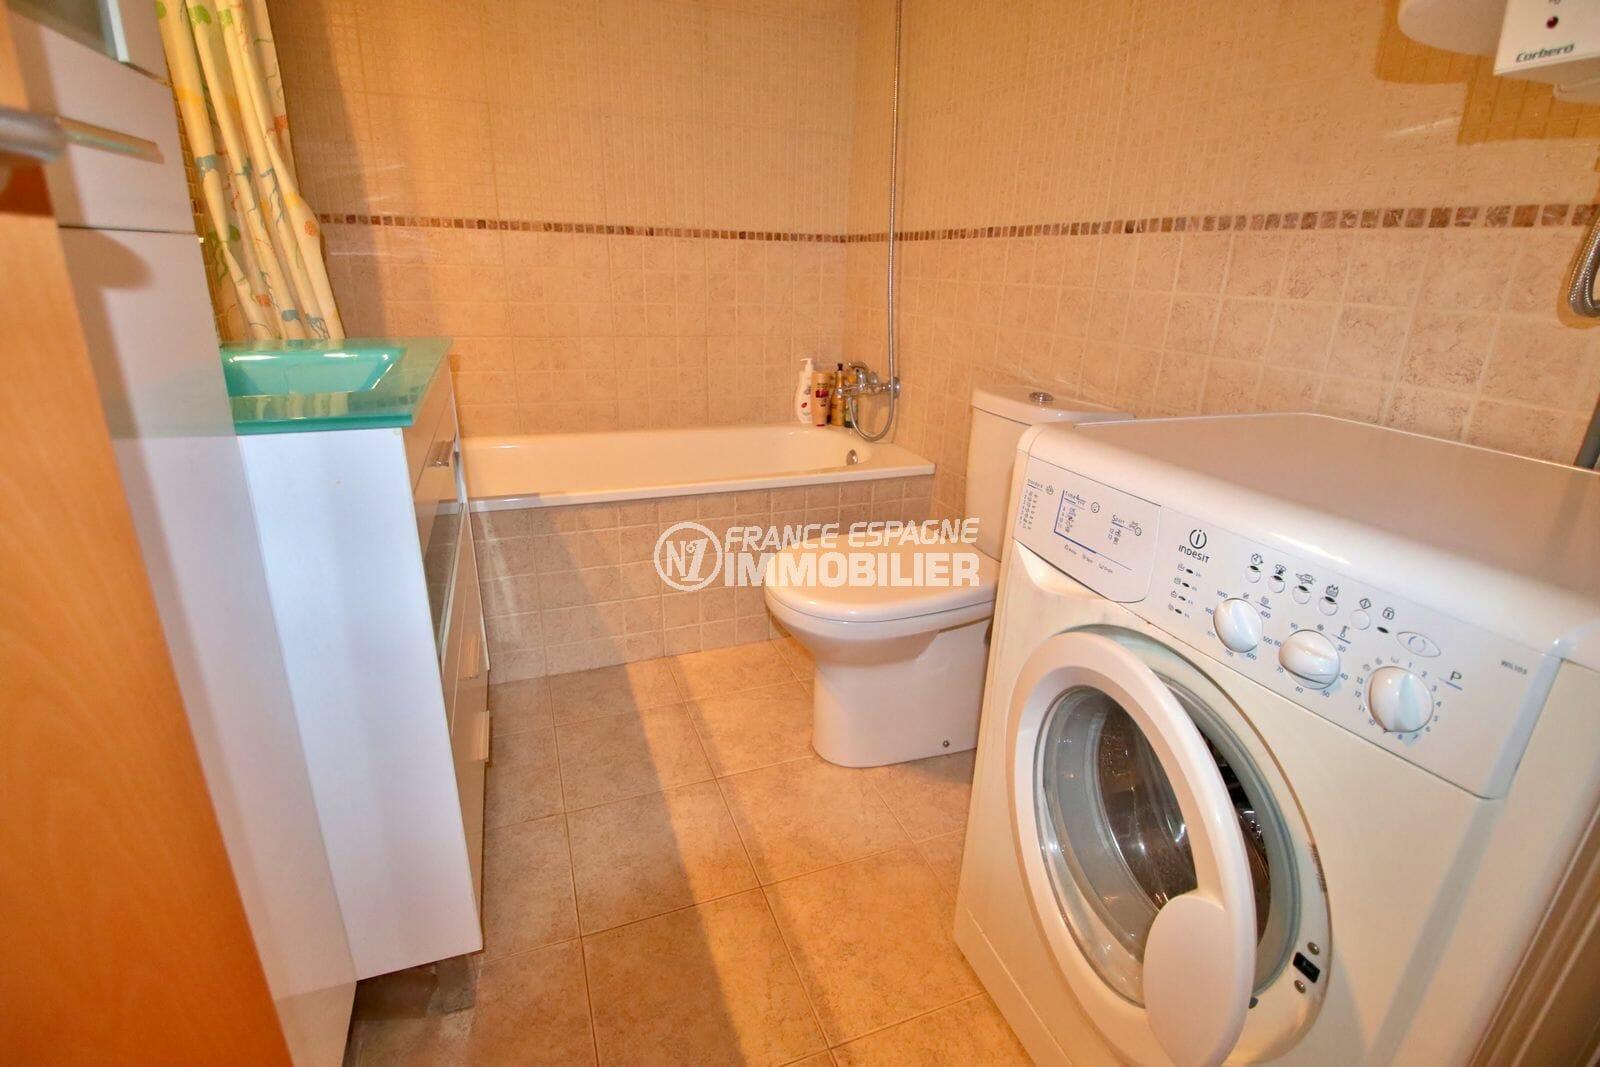 immo center rosas: appartement 49 m², salle de bains avec baignoire, vasque et wc